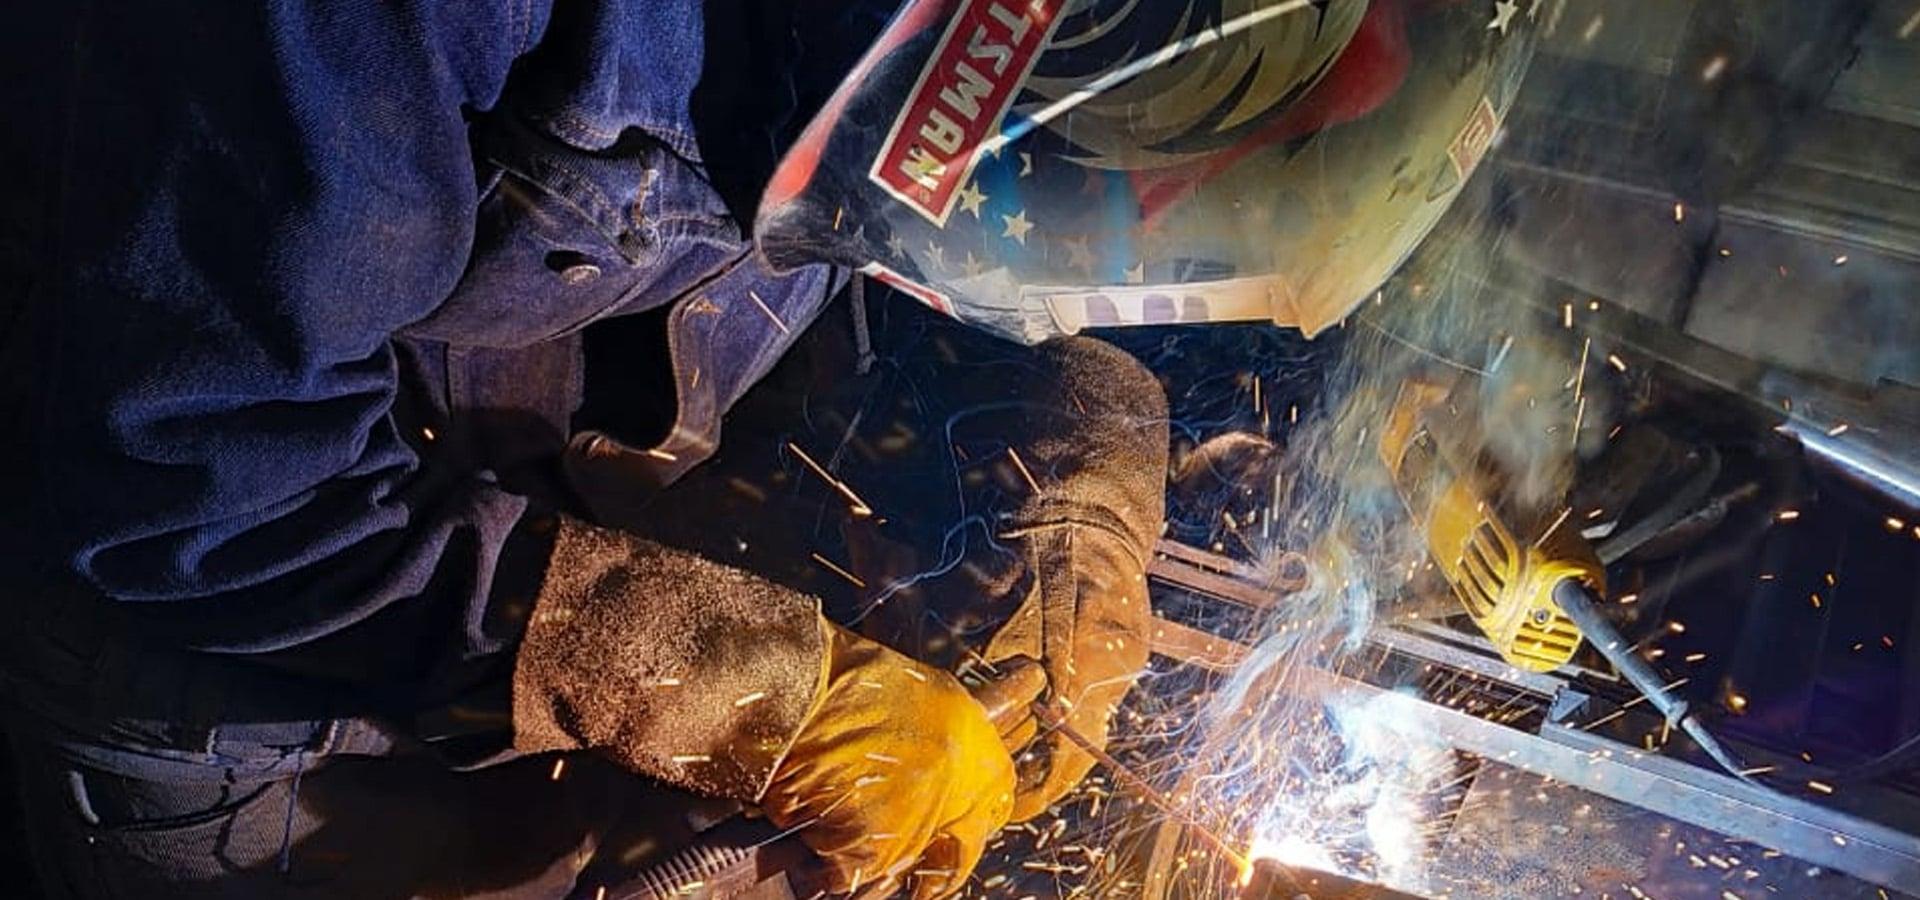 soldador de estructuras metalicas